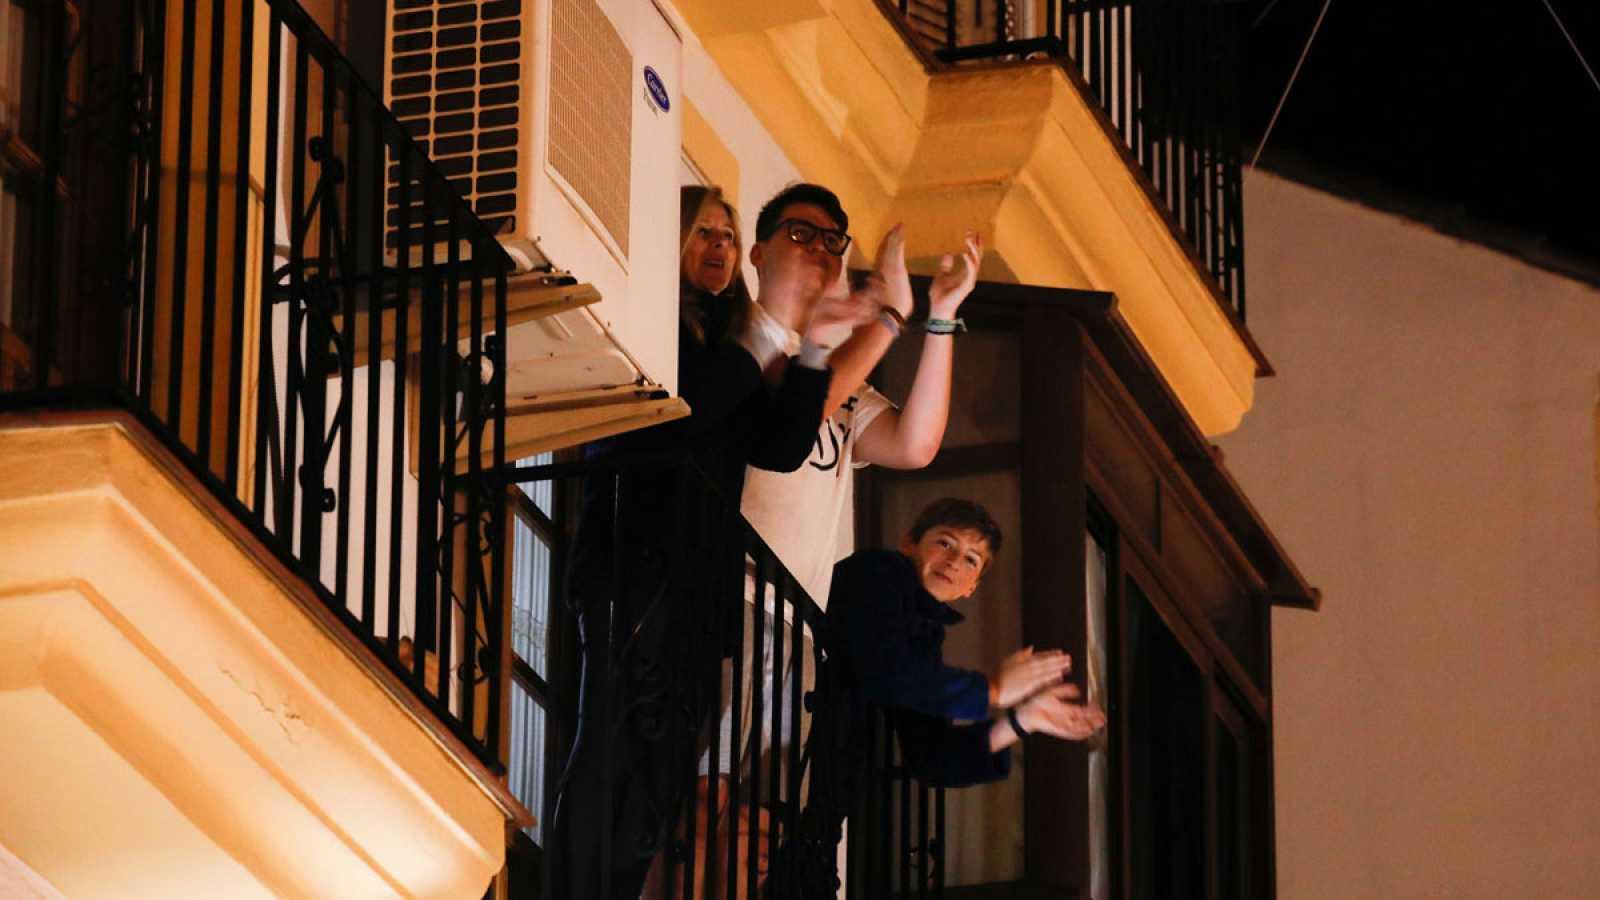 Aplausos en los balcones